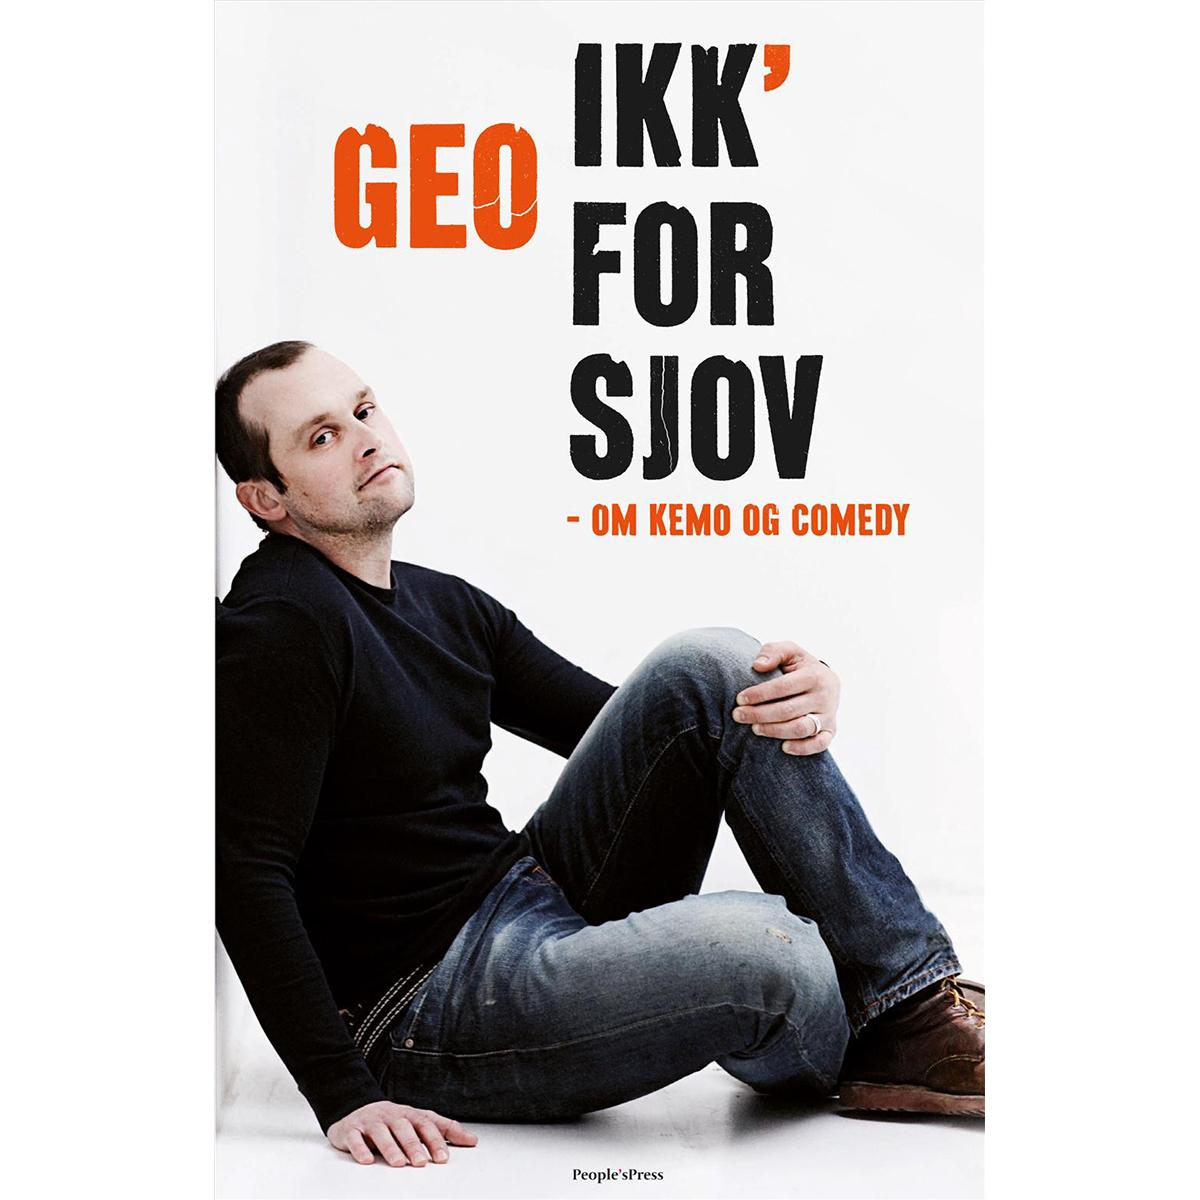 Ikk for sjov - Om kemo og comedy - Paperback